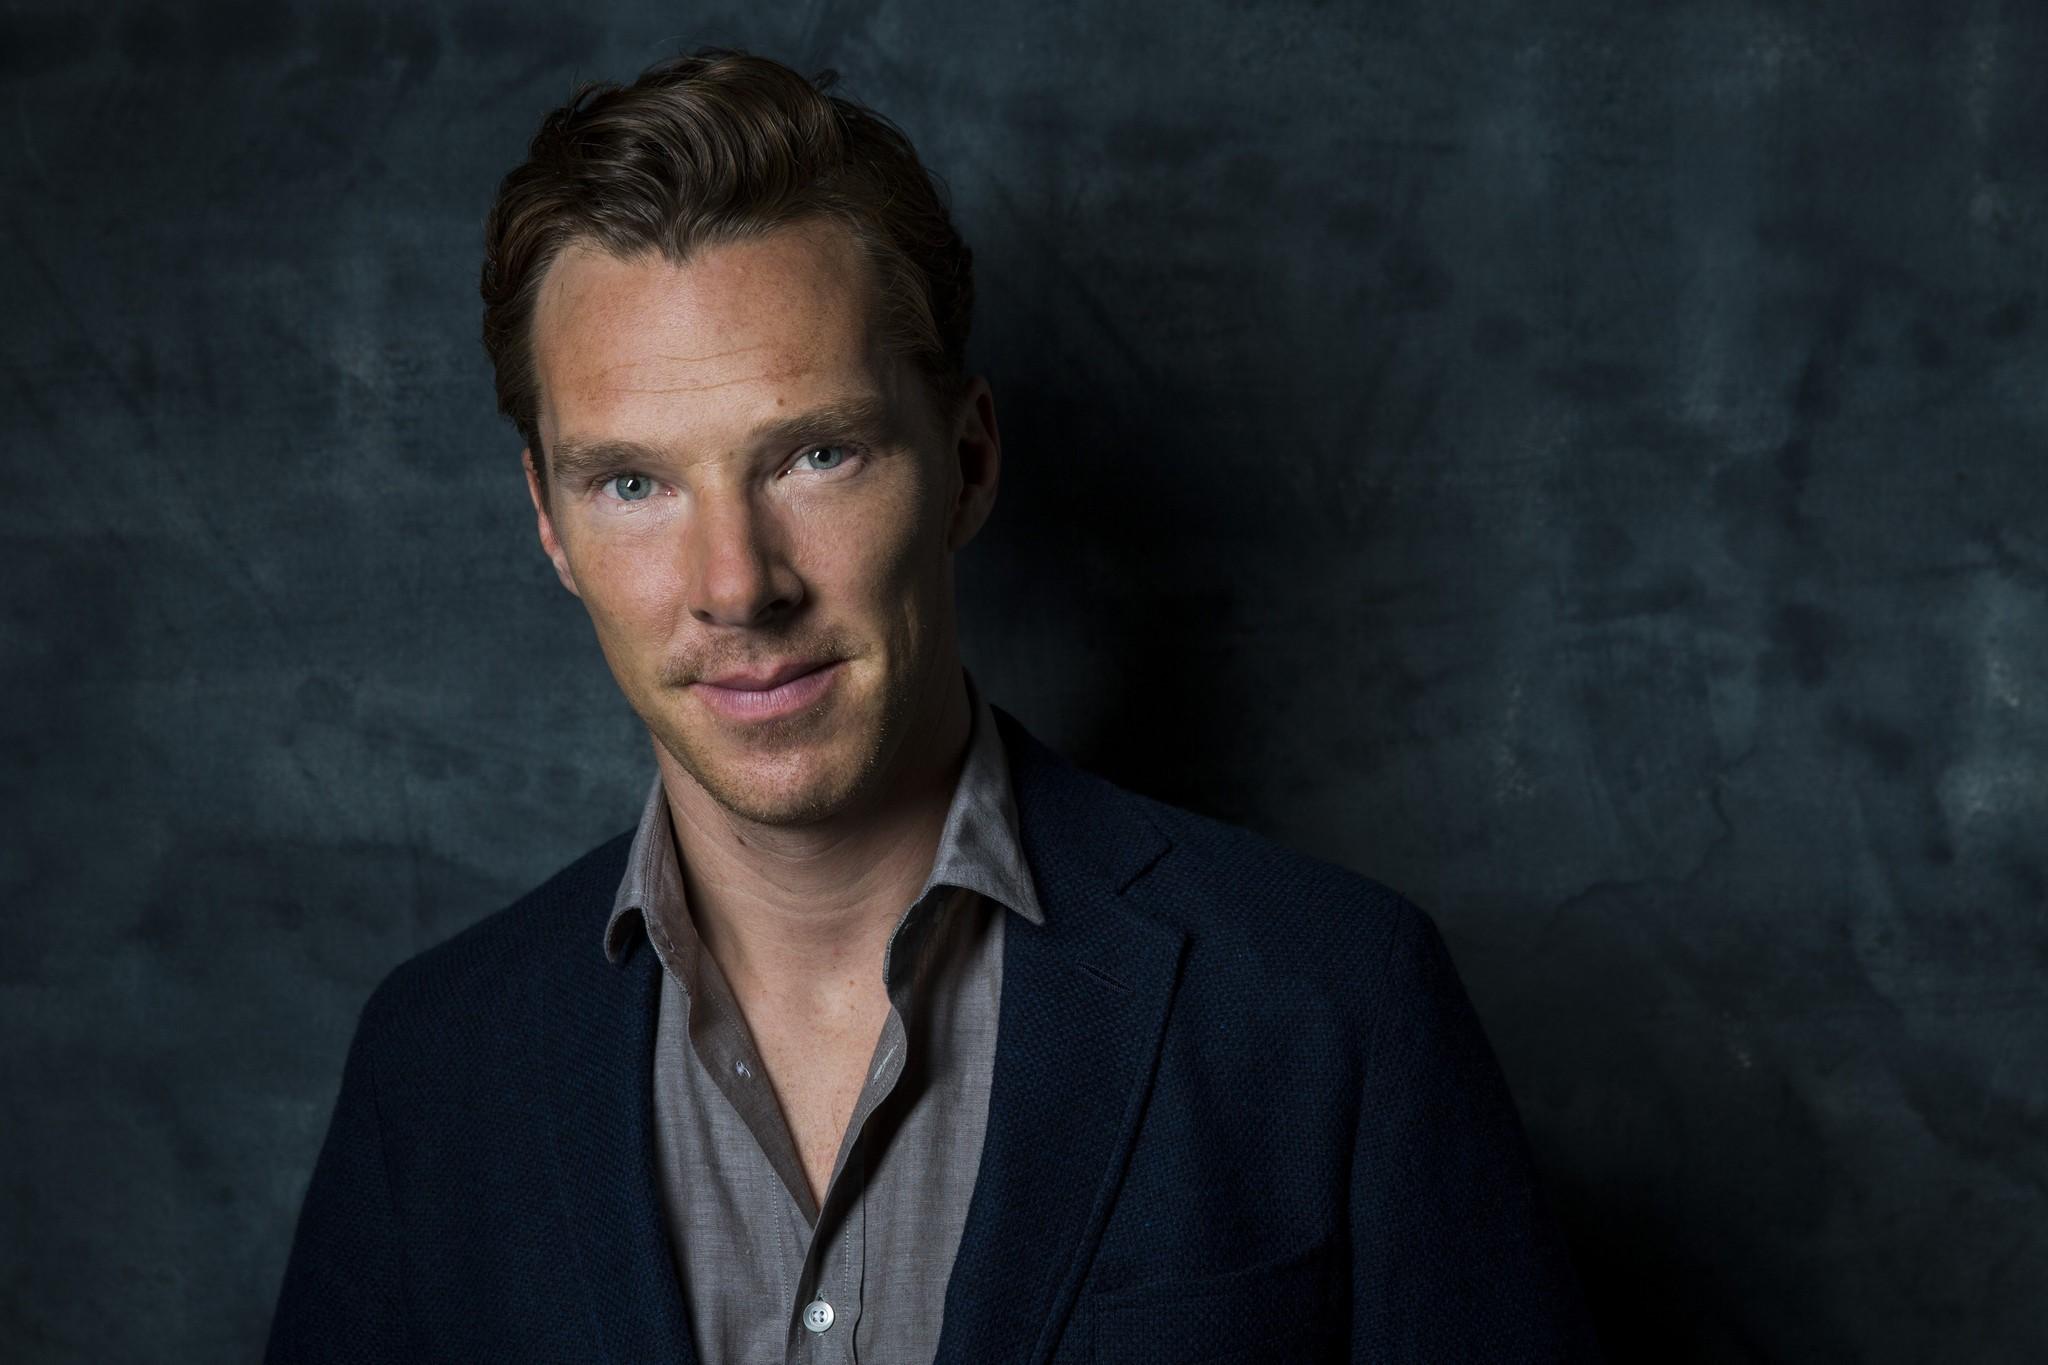 Benedict Cumberbatch images